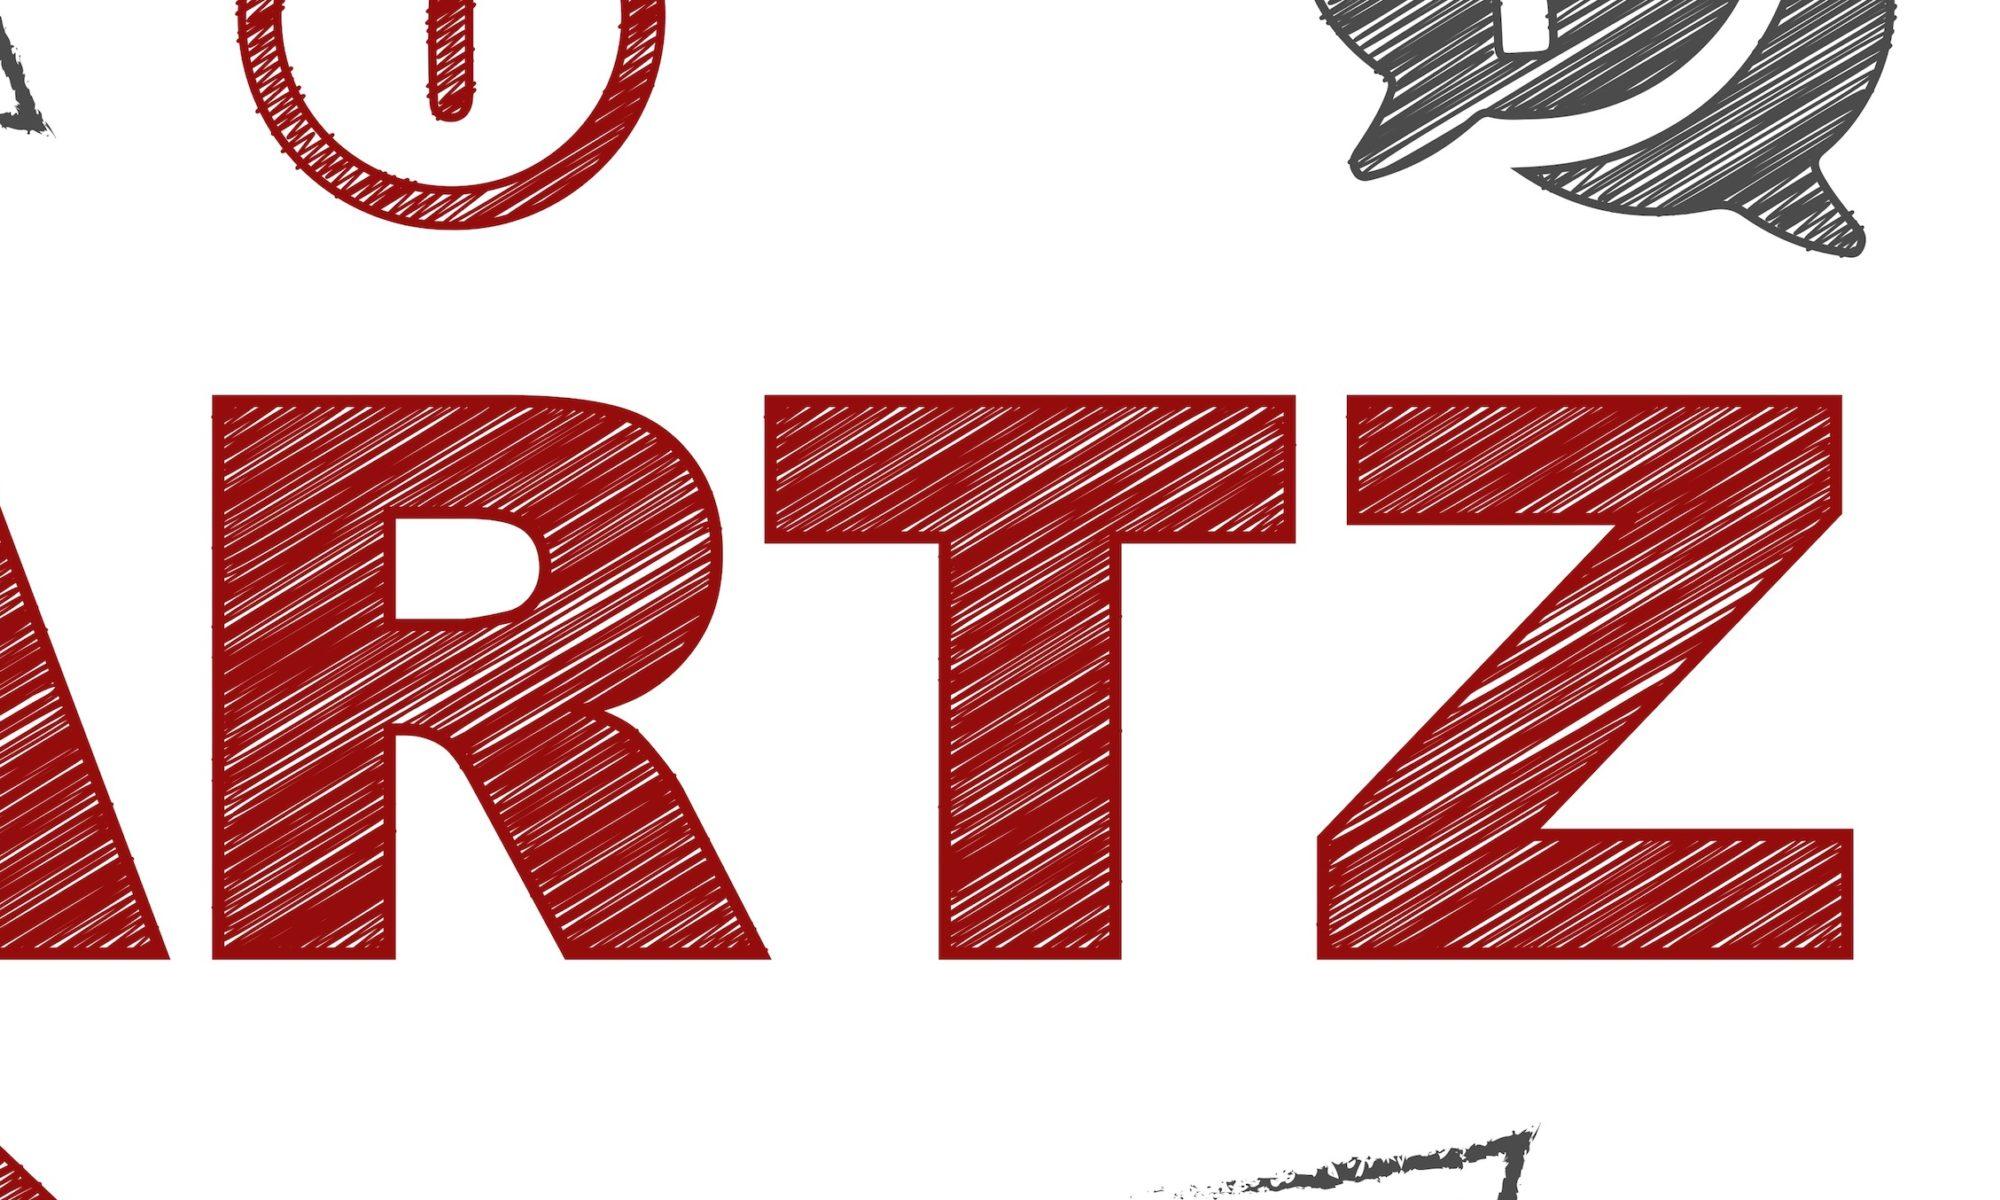 hartz 4 sanktionsfehler e1573376021741 2000x1200 - Überlange Hartz IV Verfahren in der Coronakrise - Mit Eilrechtsschutz schneller Leistungen